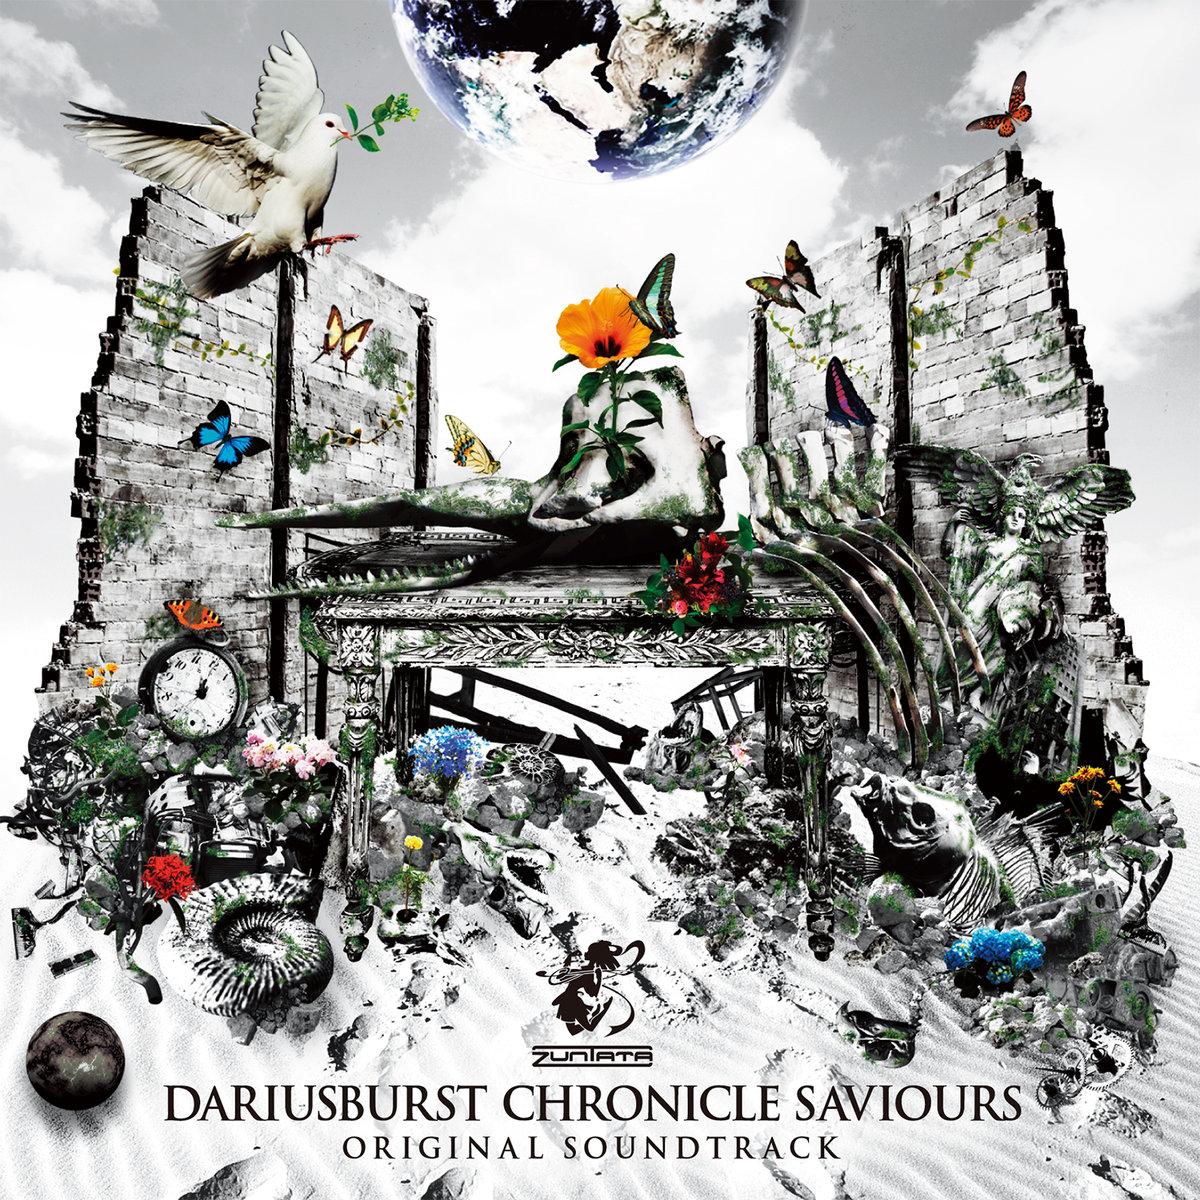 dariusburstchronicles